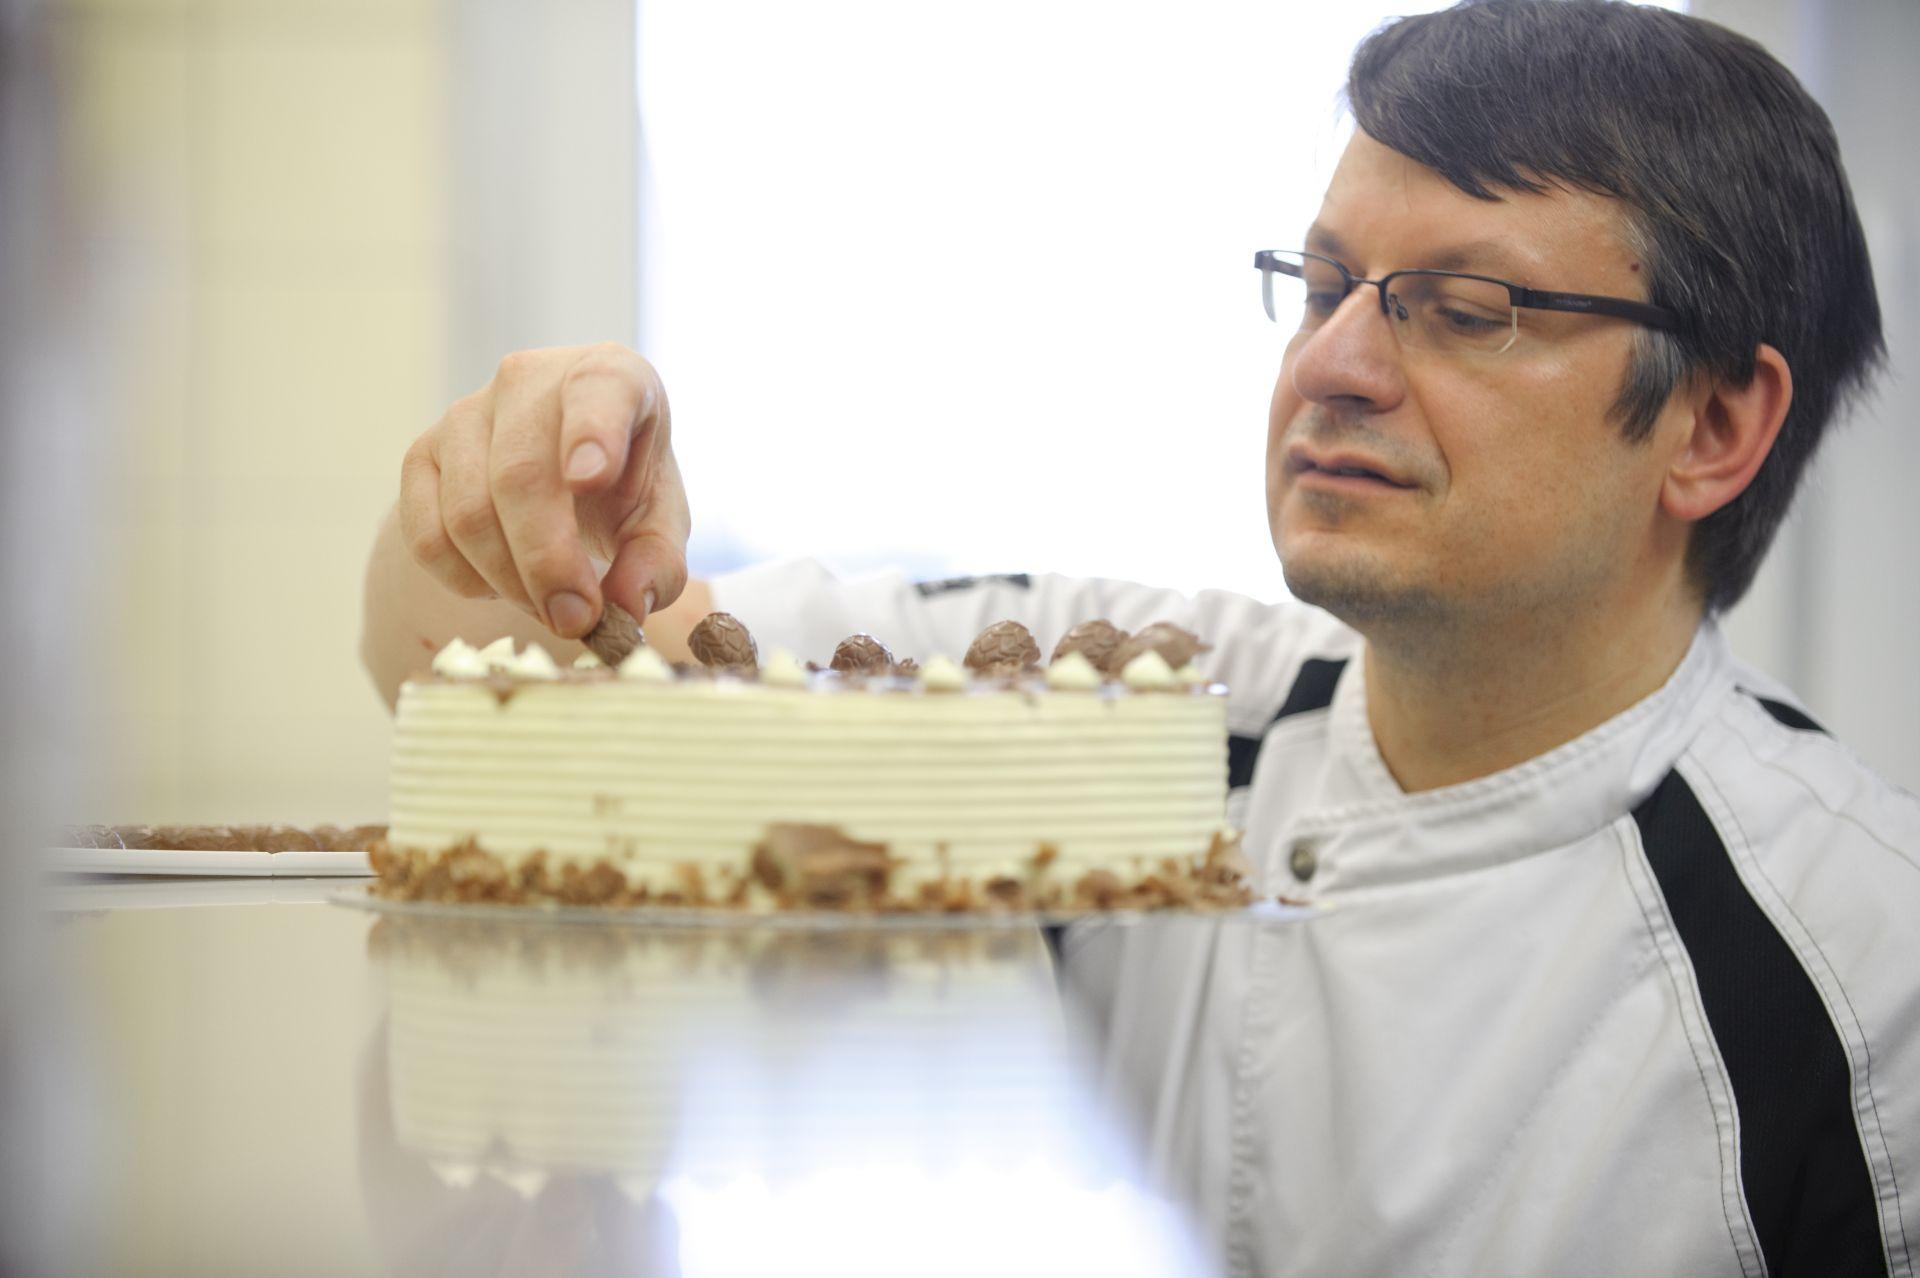 Lutzenburger Torte